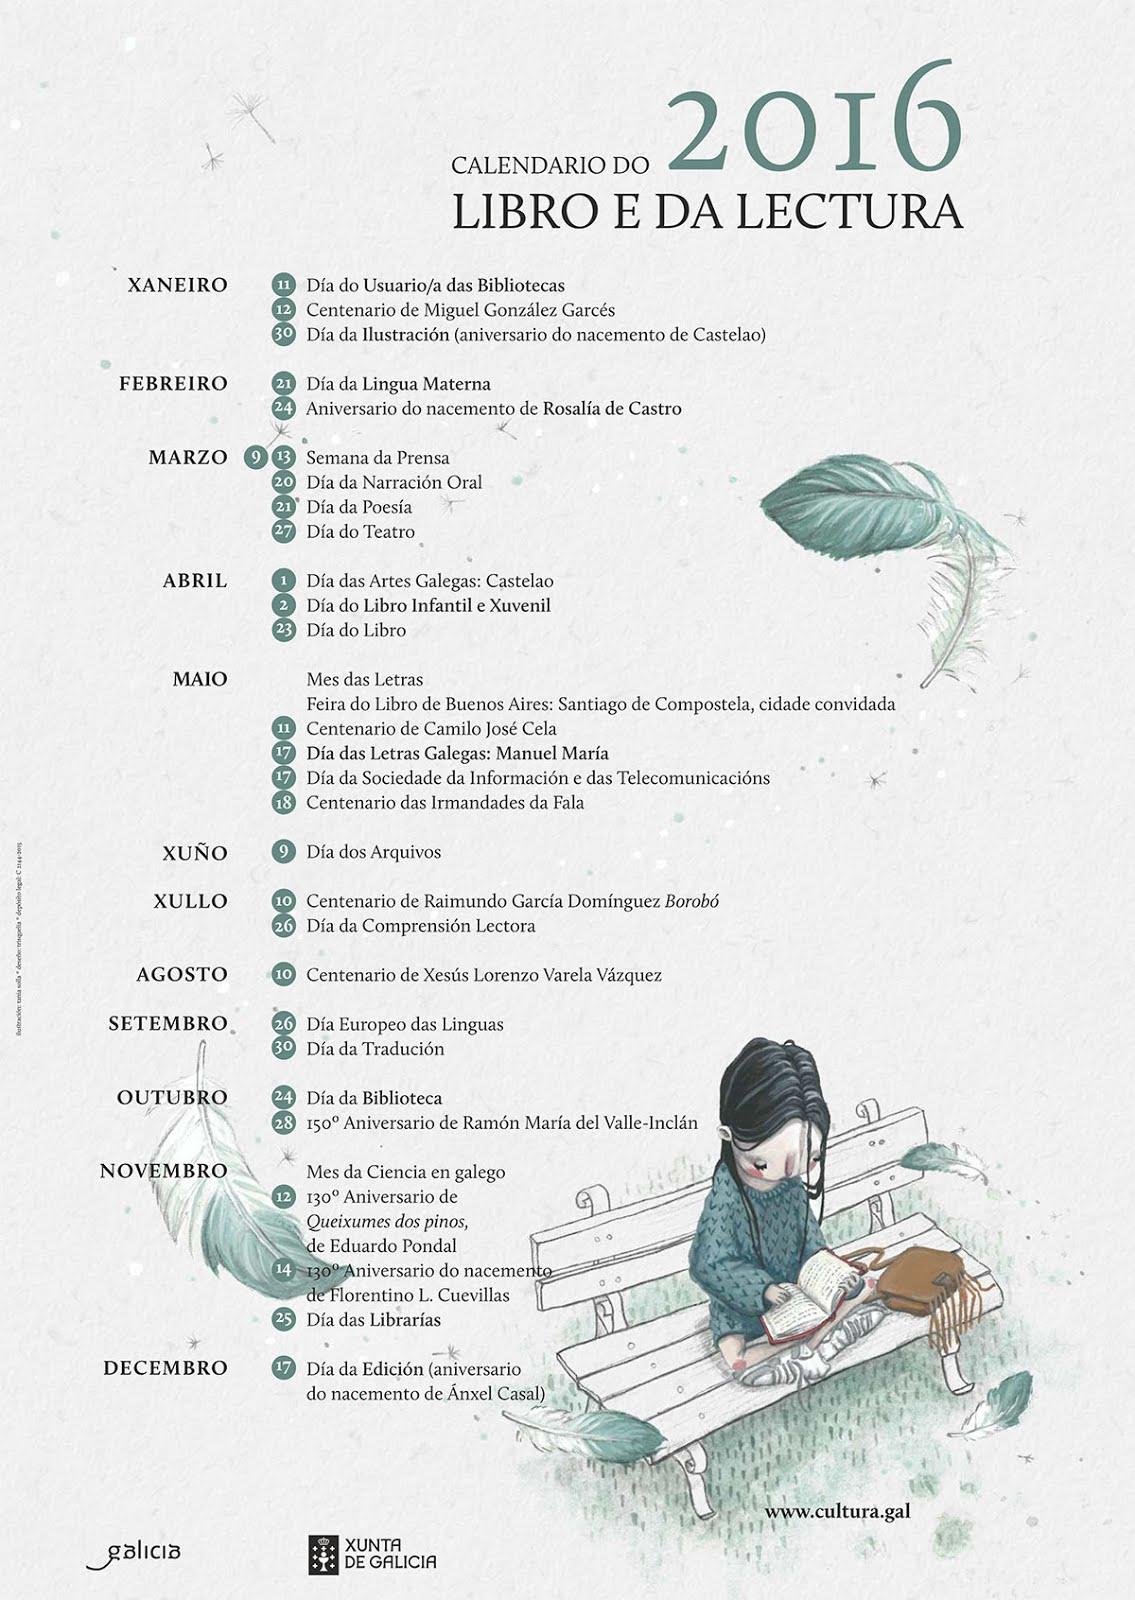 Calendario do libro e da lectura 2016